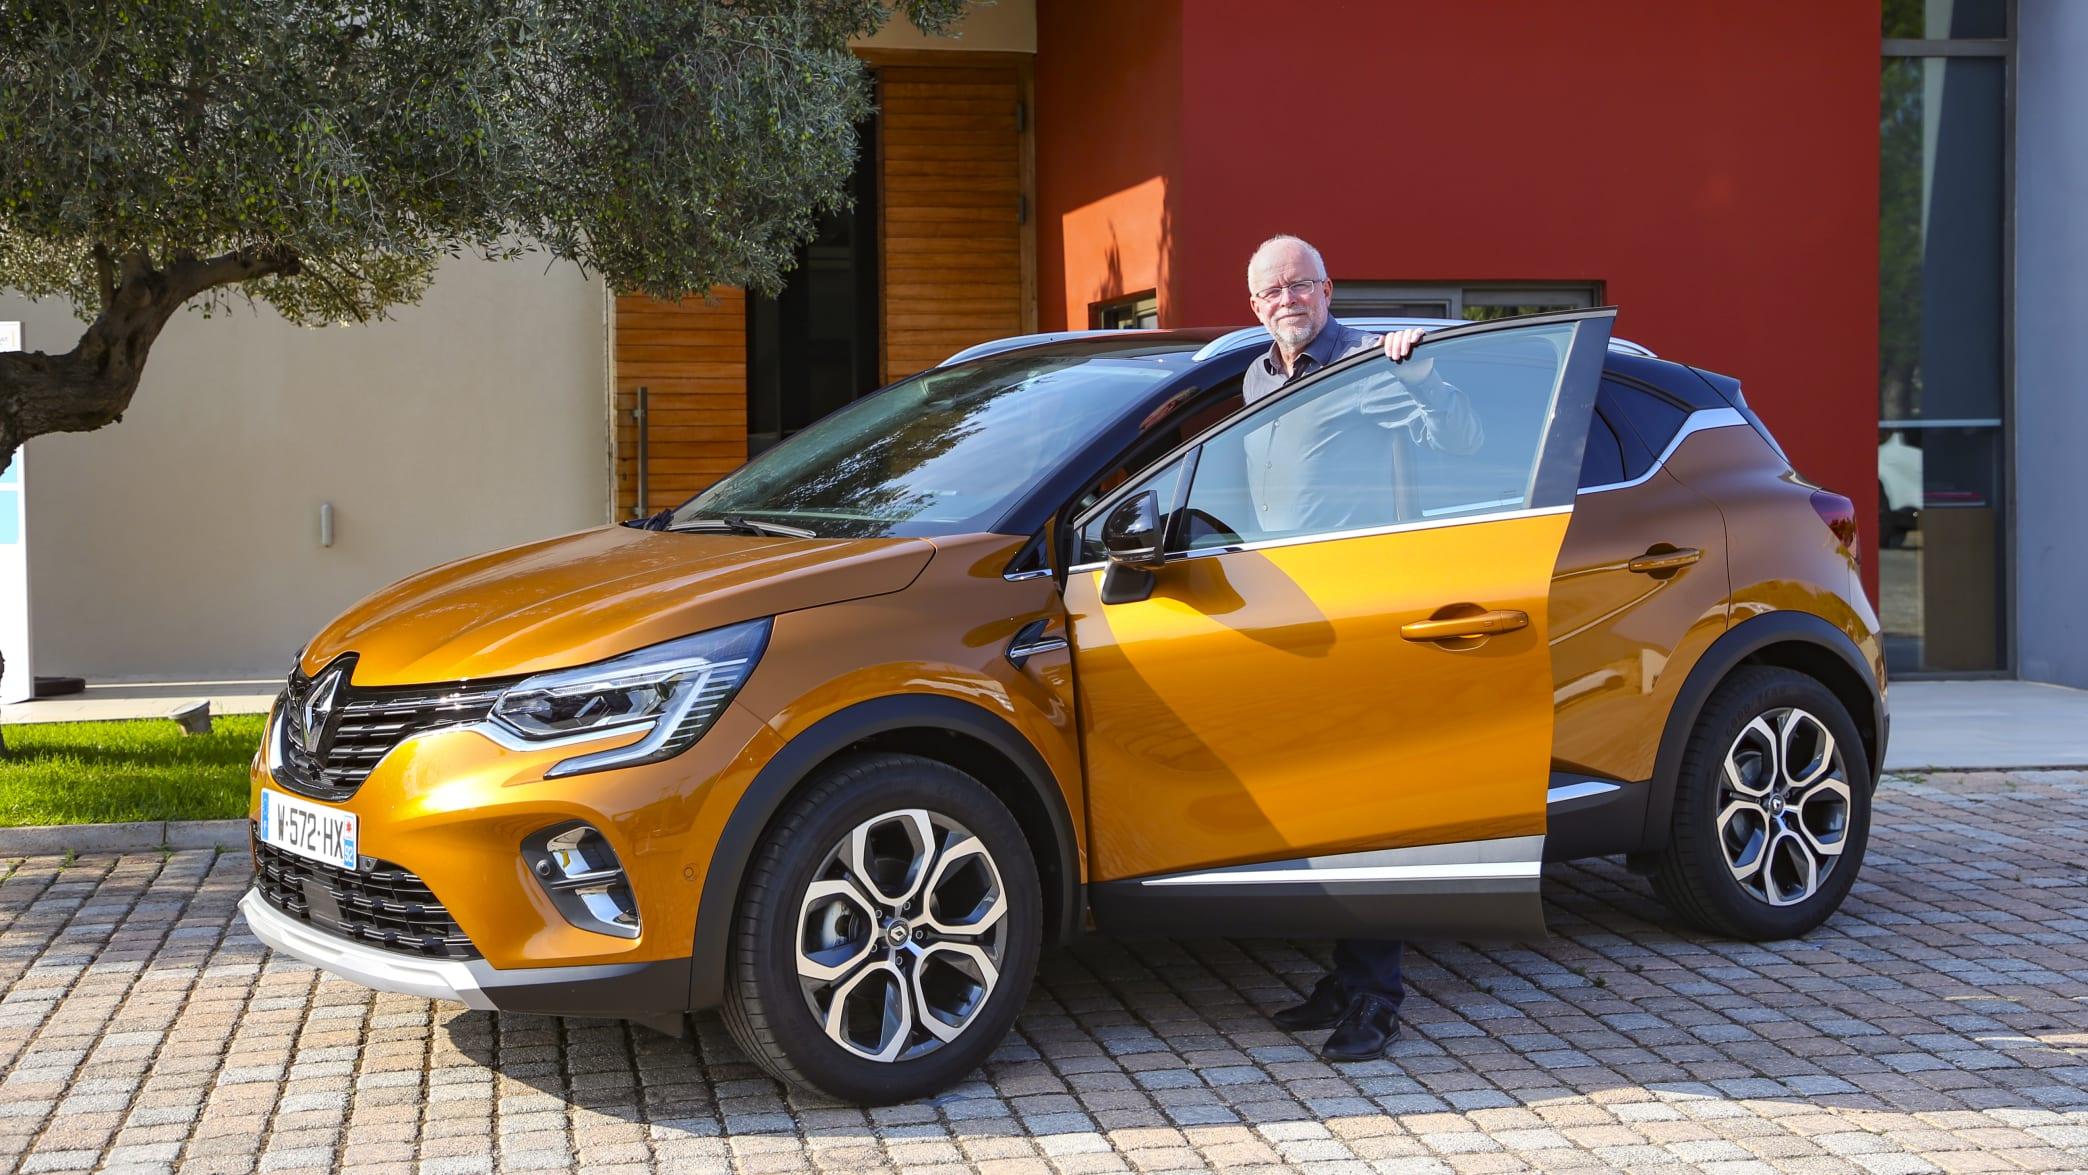 oranger Renault Captur stehend mit geöffnet Tür